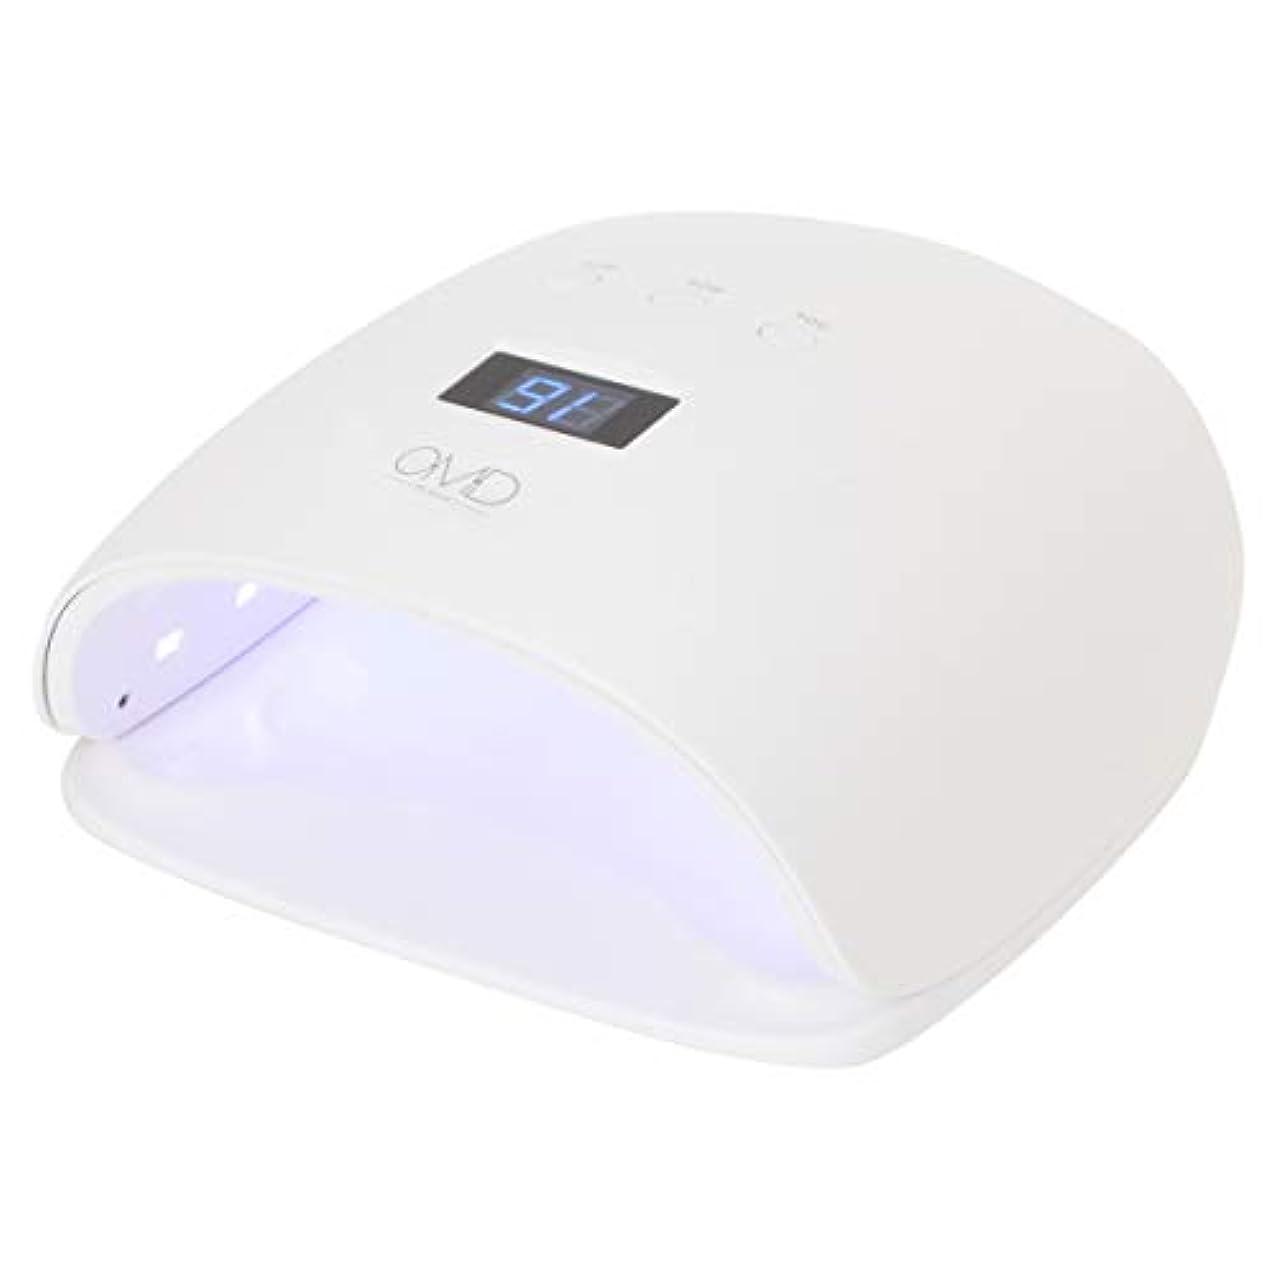 分析的なぼかす吸収剤<OMD> DX UV/LEDライト-D02 [ ネイルライト ネイルランプ LEDライト LEDランプ UVライト UVランプ ジェルネイル ネイルドライヤー LED UV ネイル ライト ランプ ]